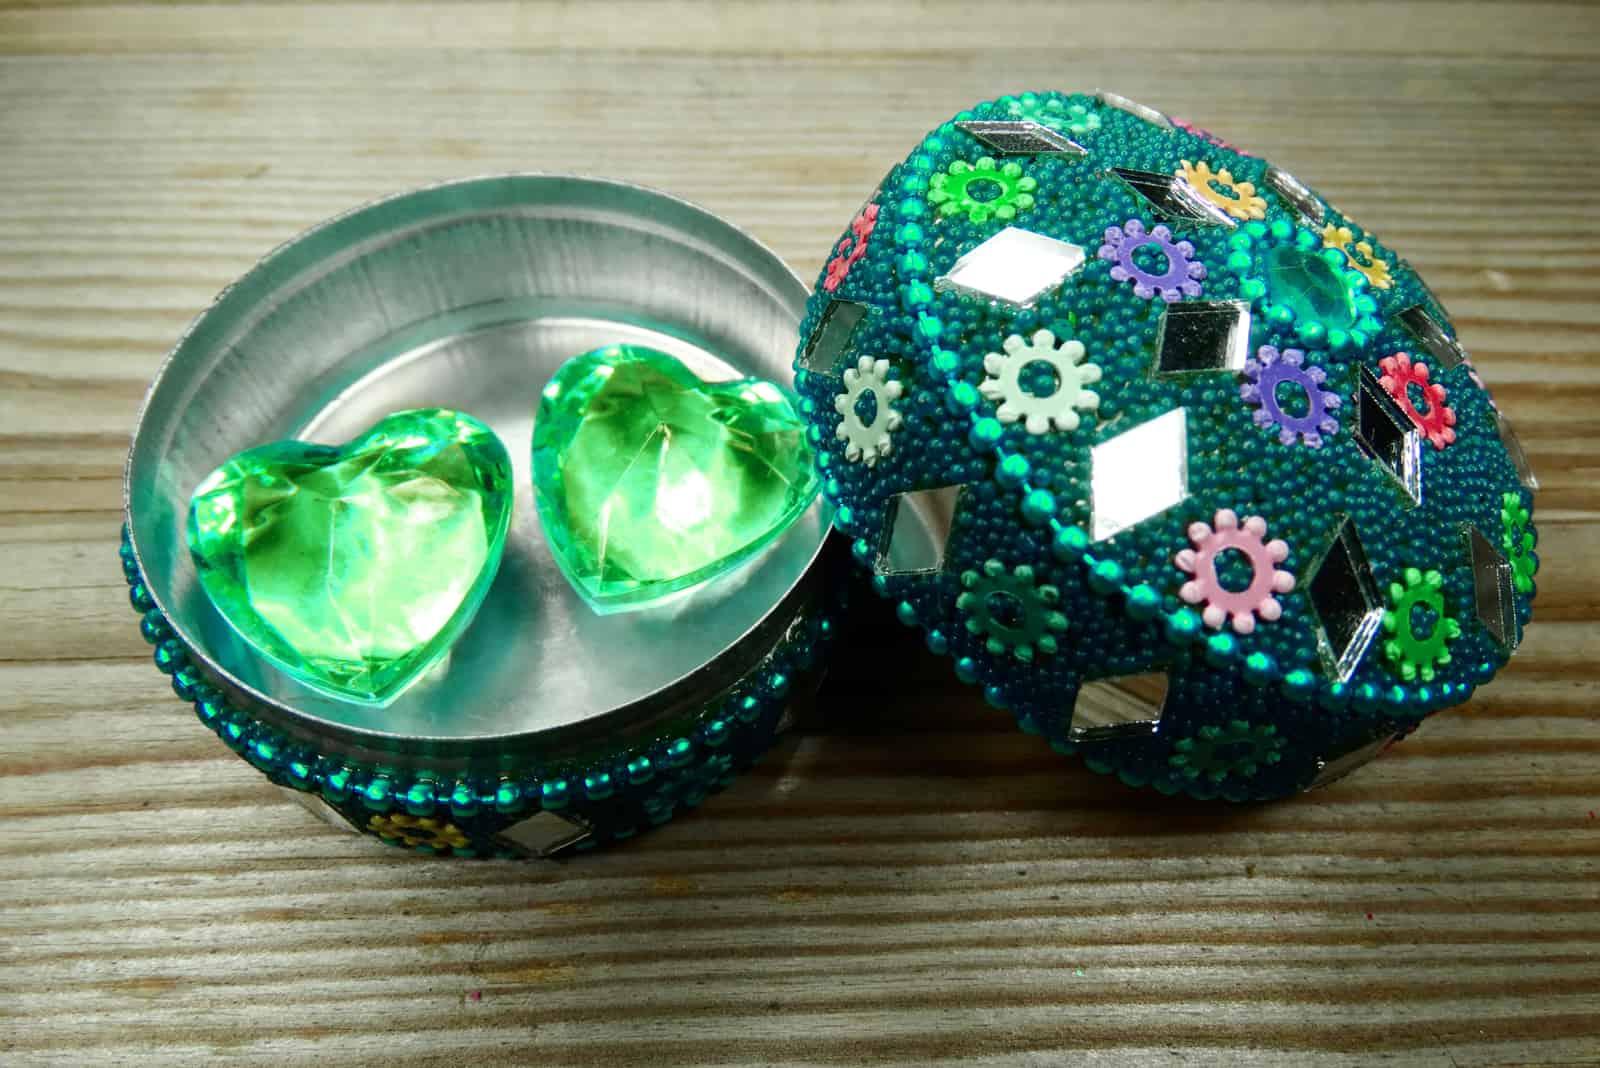 zwei Edelsteinherzen lieben Konzept und Geschenkbox des orientalischen Stils auf hölzernem Hintergrund